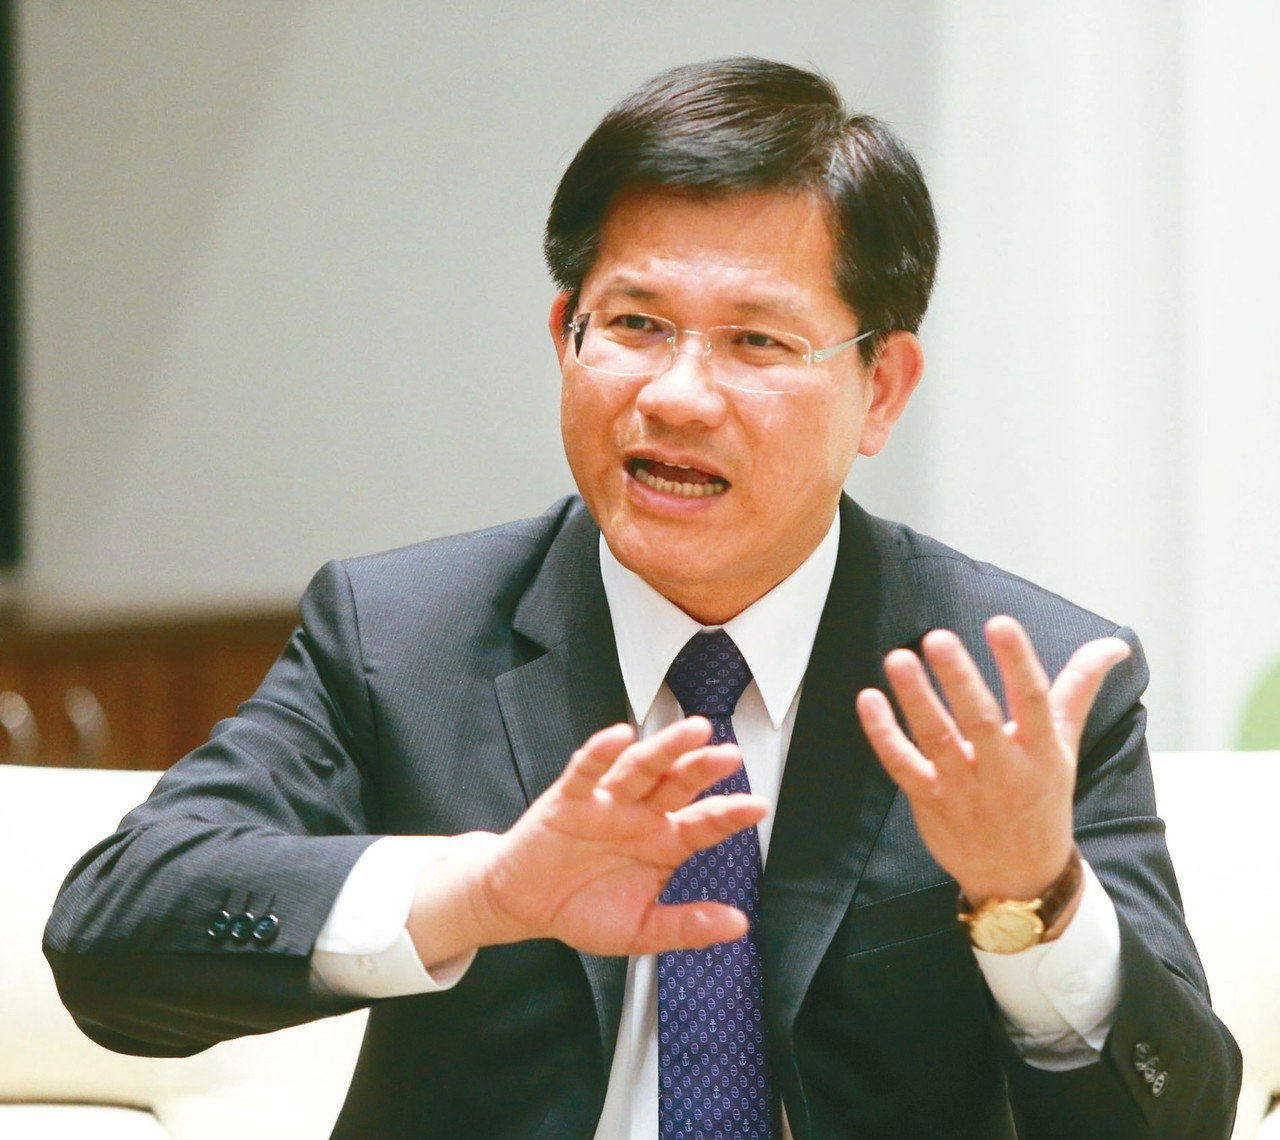 前台中市長林佳龍將出任交通部長。 聯合報資料照/記者黃仲裕攝影